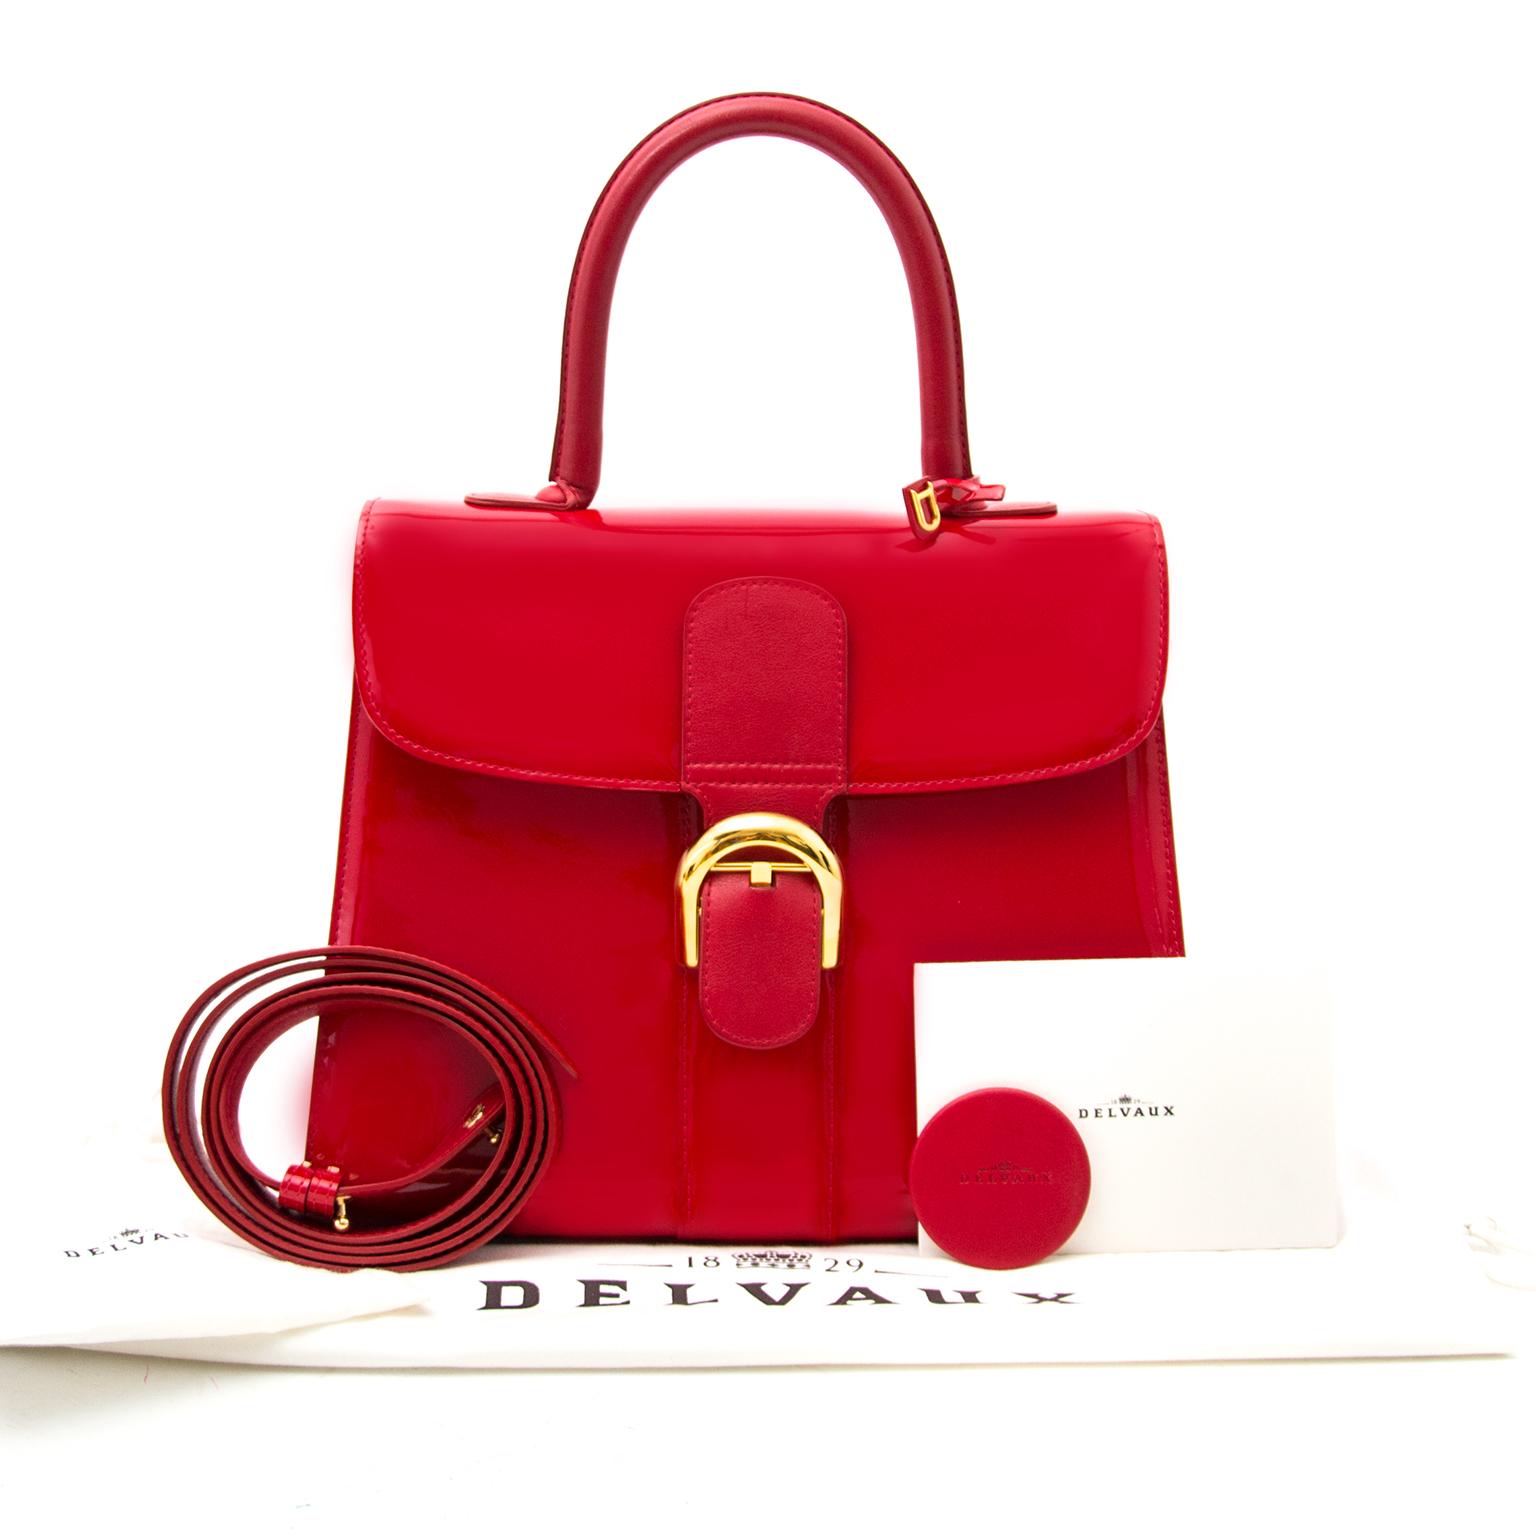 Acheter en ligne chez Labellov.com Delvaux Red Brillant Patent MM Bag